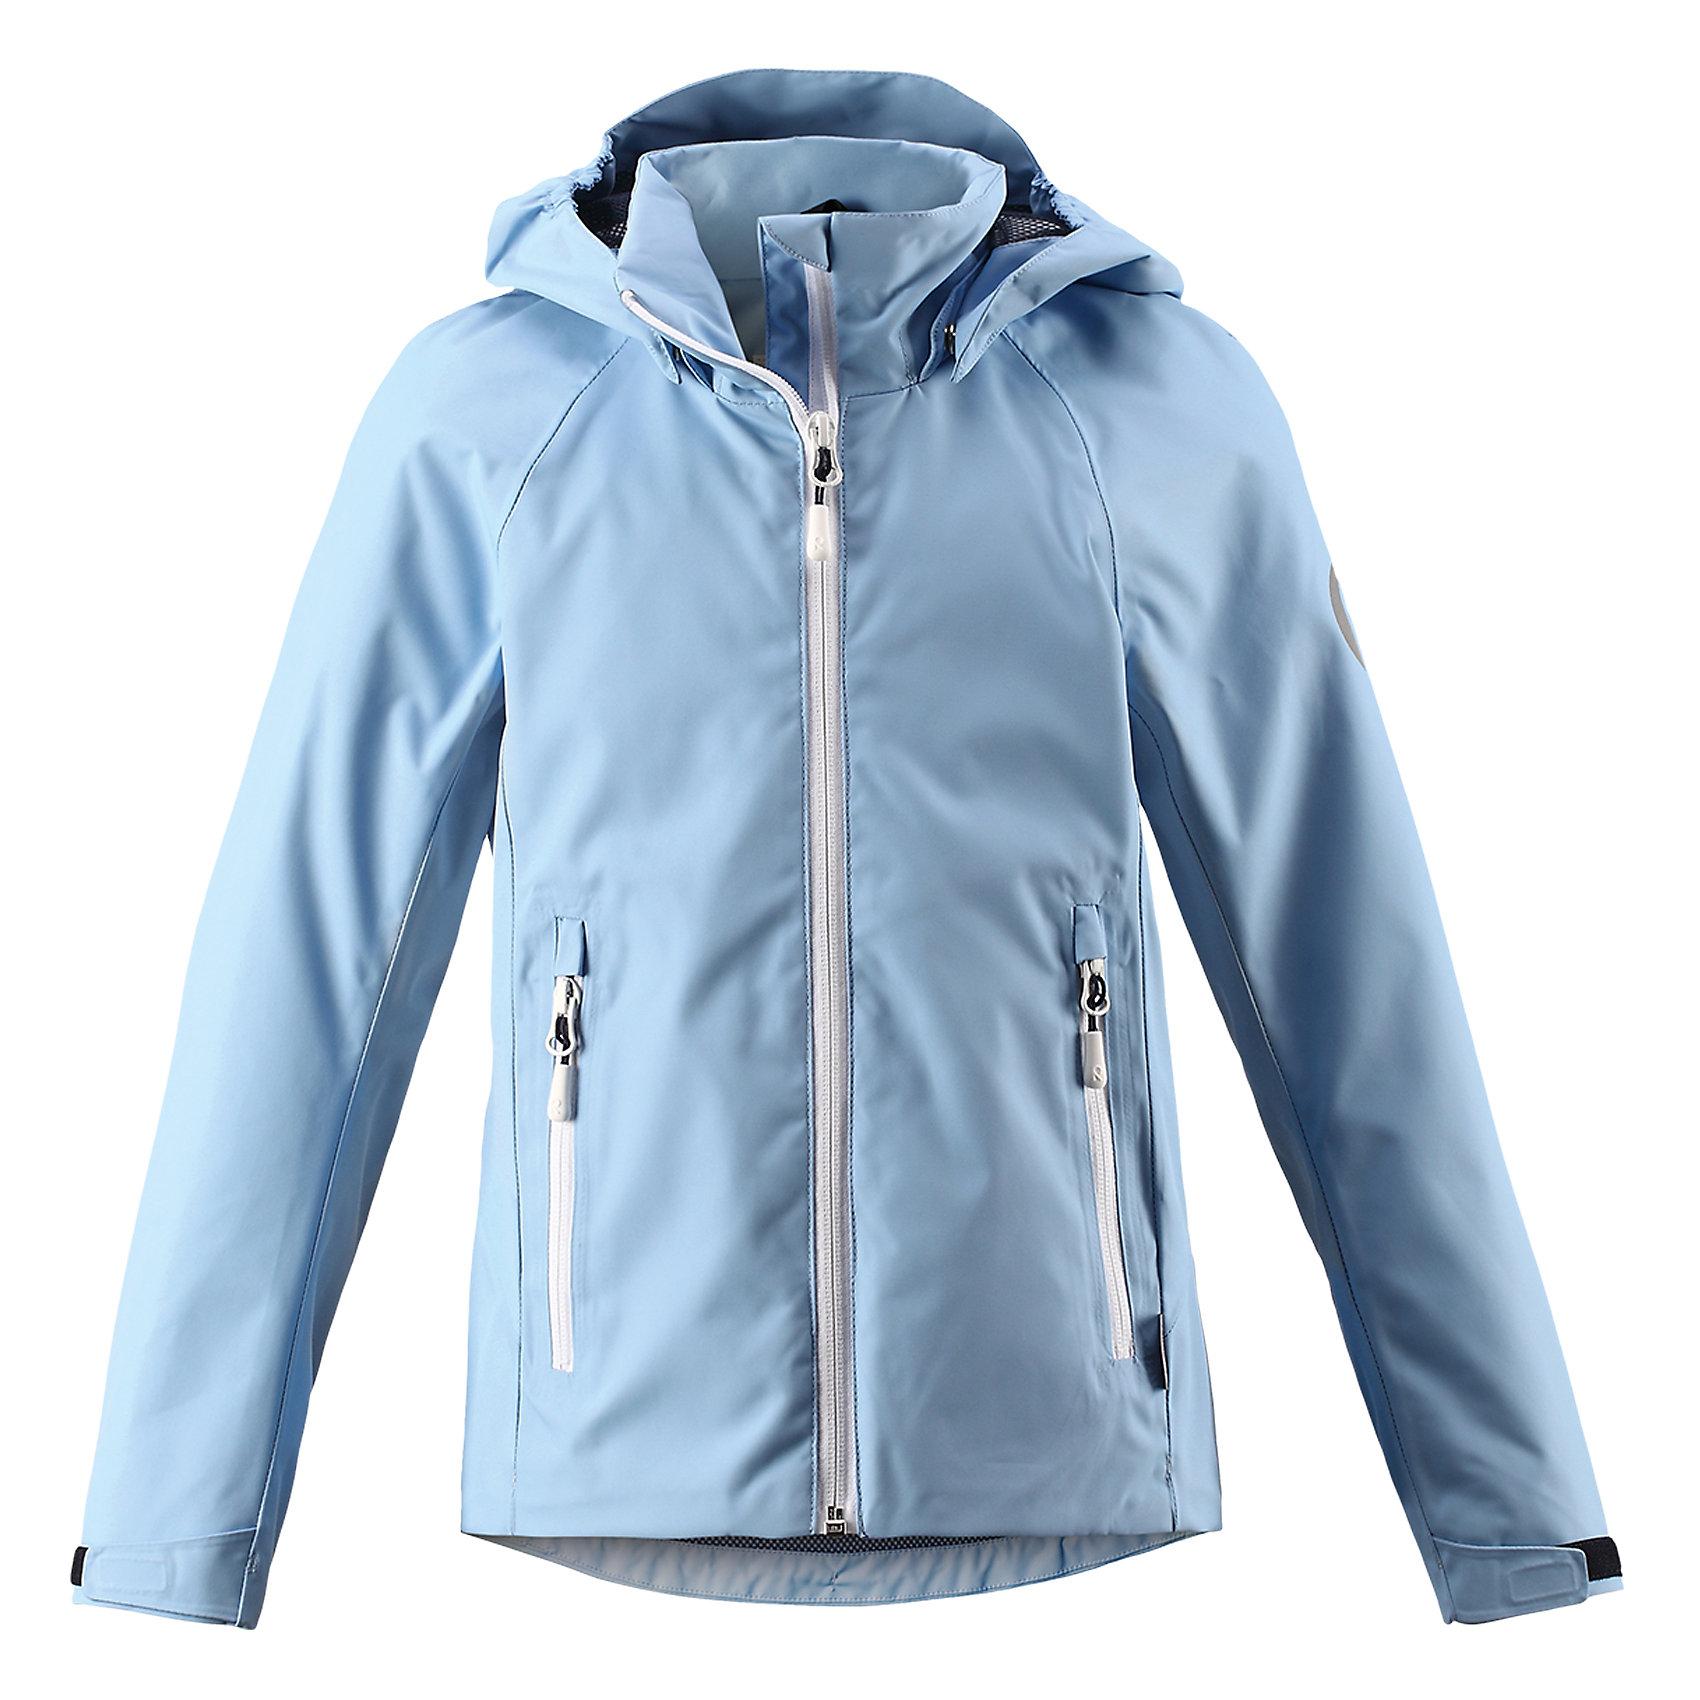 Куртка Suvi для девочки Reimatec® ReimaОдежда<br>Характеристики товара:<br><br>• цвет: голубой<br>• состав: 100% полиэстер, полиуретановое покрытие<br>• температурный режим: от +10°до +20°С<br>• водонепроницаемость: 15000 мм<br>• воздухопроницаемость: 5000 мм<br>• износостойкость: 40000 (тест Мартиндейла)<br>• без утеплителя<br>• подкладка: mesh-сетка<br>• швы проклеены и водонепроницаемы<br>• водо- и ветронепроницаемый «дышащий» материал<br>• регулируемый подол<br>• регулируемые манжеты<br>• безопасный съёмный и регулируемый капюшон<br>• усовершенствованная молния - больше не застрянет!<br>• контрастные цветные застежки-молнии<br>• карманы на молнии<br>• комфортная посадка<br>• страна производства: Китай<br>• страна бренда: Финляндия<br>• коллекция: весна-лето 2017<br><br>Верхняя одежда для детей может быть модной и комфортной одновременно! Демисезонная куртка поможет обеспечить ребенку комфорт и тепло. Она отлично смотрится с различной одеждой и обувью. Изделие удобно сидит и модно выглядит. Материал - прочный, хорошо подходящий для межсезонья. Стильный дизайн разрабатывался специально для детей.<br><br>Одежда и обувь от финского бренда Reima пользуется популярностью во многих странах. Эти изделия стильные, качественные и удобные. Для производства продукции используются только безопасные, проверенные материалы и фурнитура. Порадуйте ребенка модными и красивыми вещами от Reima! <br><br>Куртку для девочки Reimatec® от финского бренда Reima (Рейма) можно купить в нашем интернет-магазине.<br><br>Ширина мм: 356<br>Глубина мм: 10<br>Высота мм: 245<br>Вес г: 519<br>Цвет: синий<br>Возраст от месяцев: 84<br>Возраст до месяцев: 96<br>Пол: Женский<br>Возраст: Детский<br>Размер: 128,104,110,152,116,122,134,140,146,164,158<br>SKU: 5267676